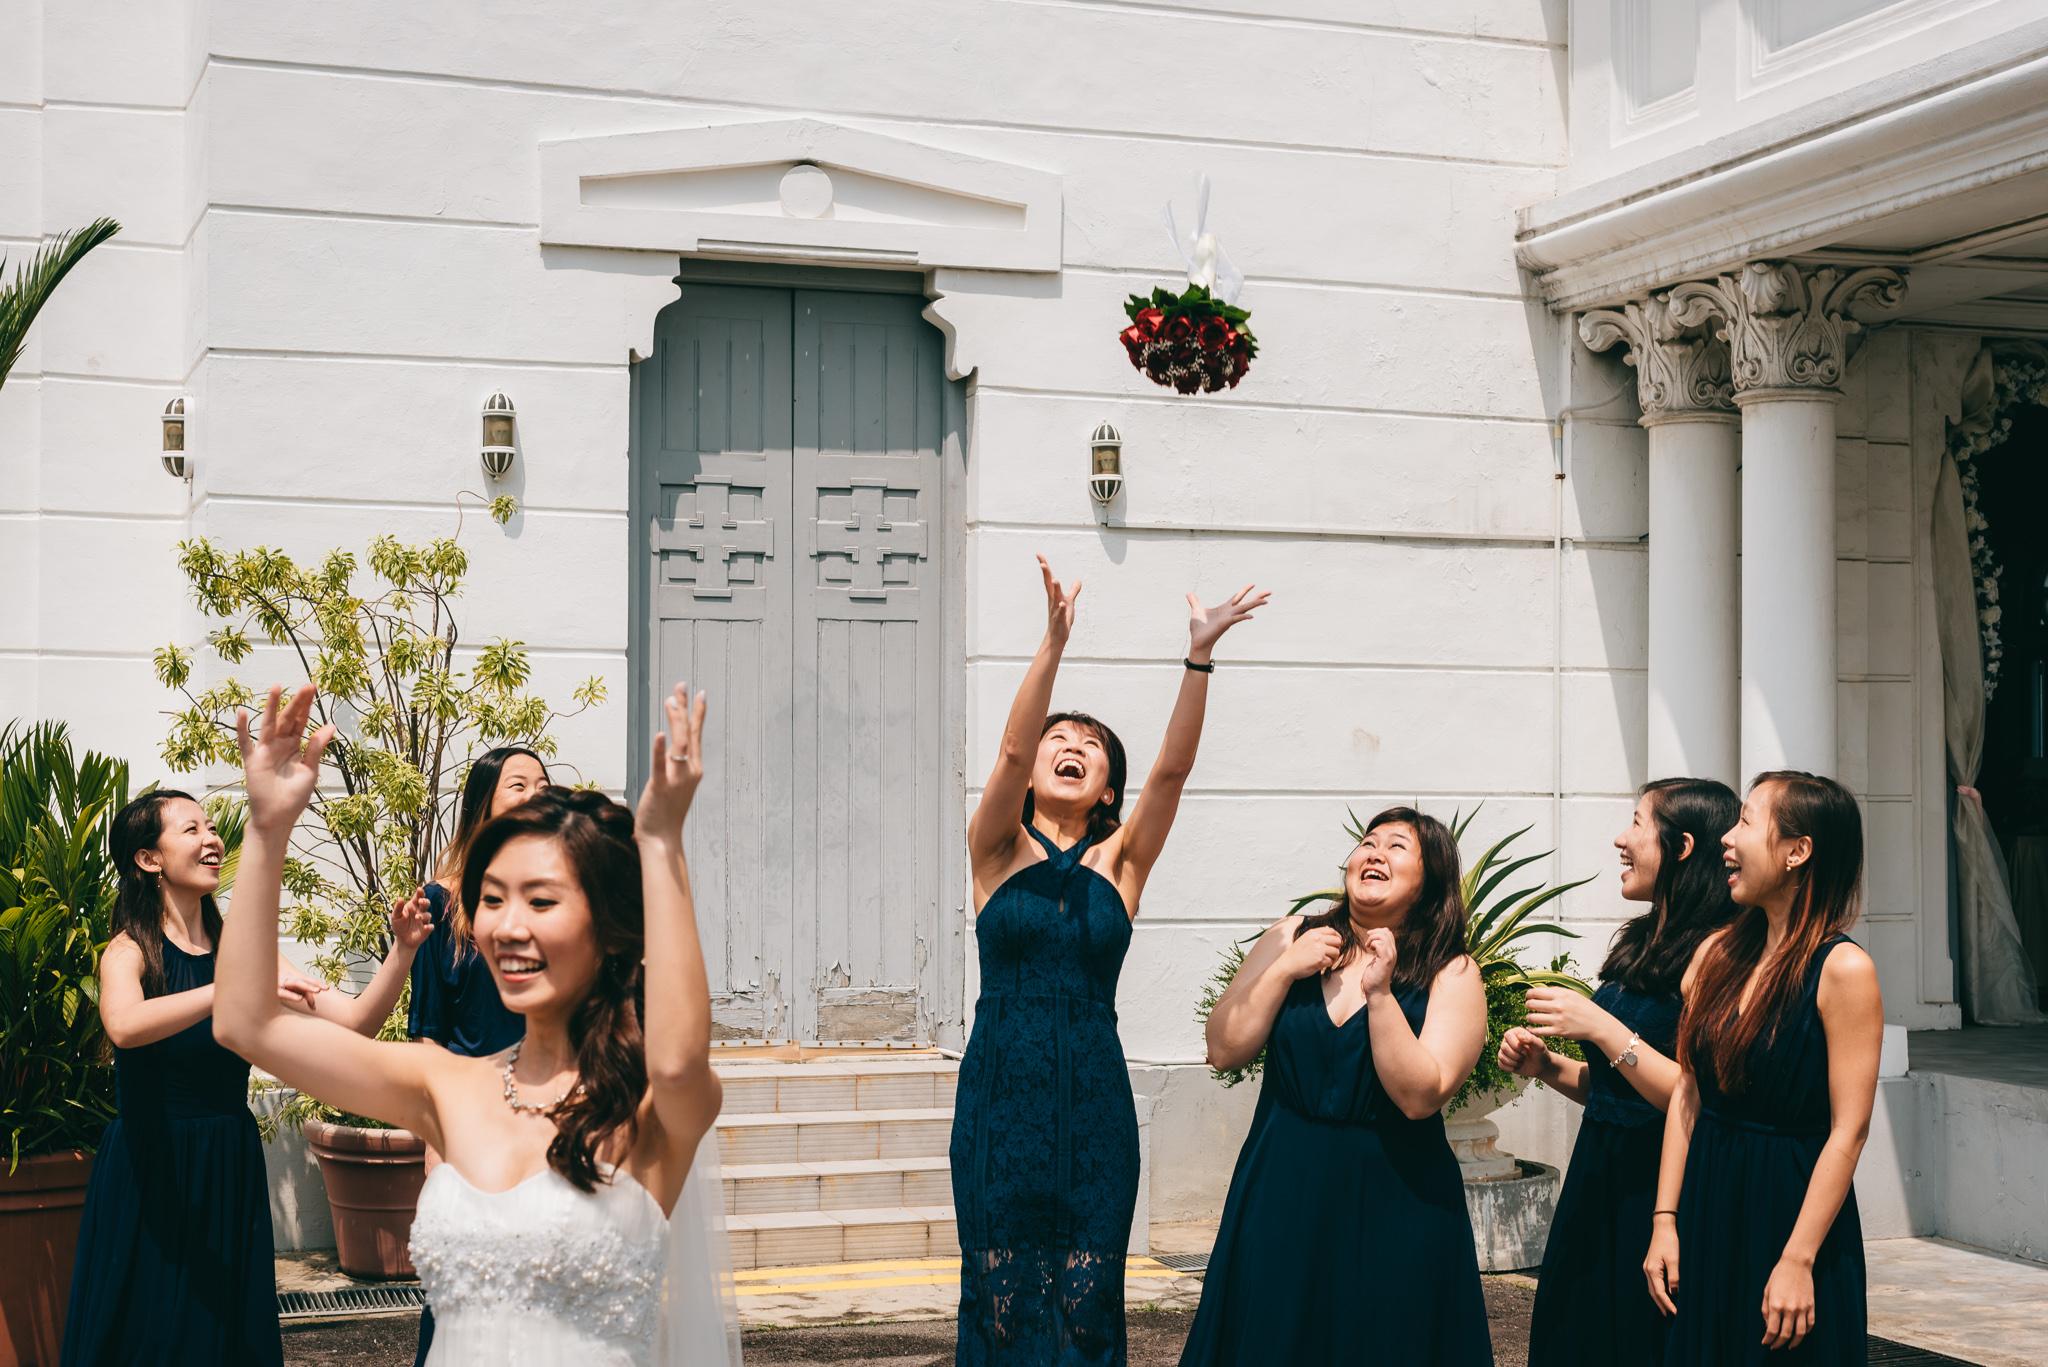 Lionel & Karen Wedding Day Highlights (resized for sharing) - 111.jpg